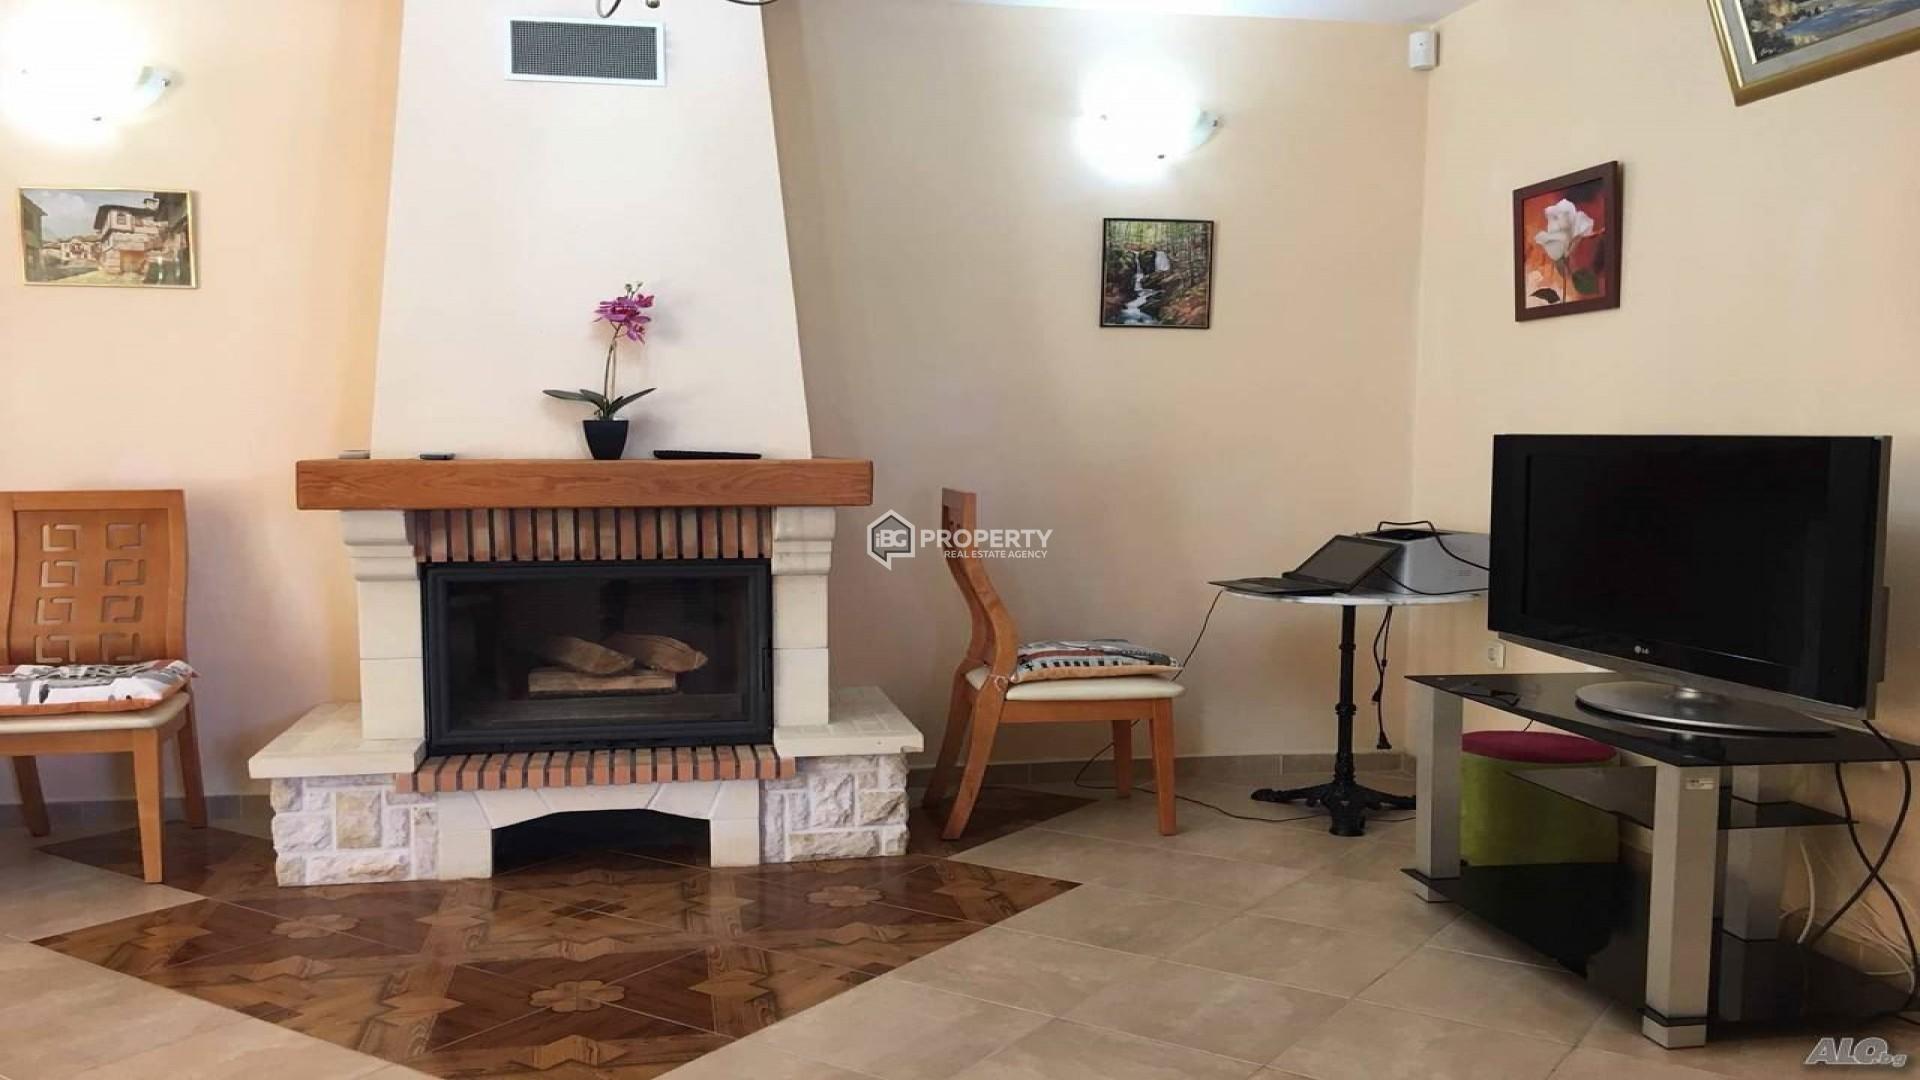 House in Kabakum, Varna 317 m2